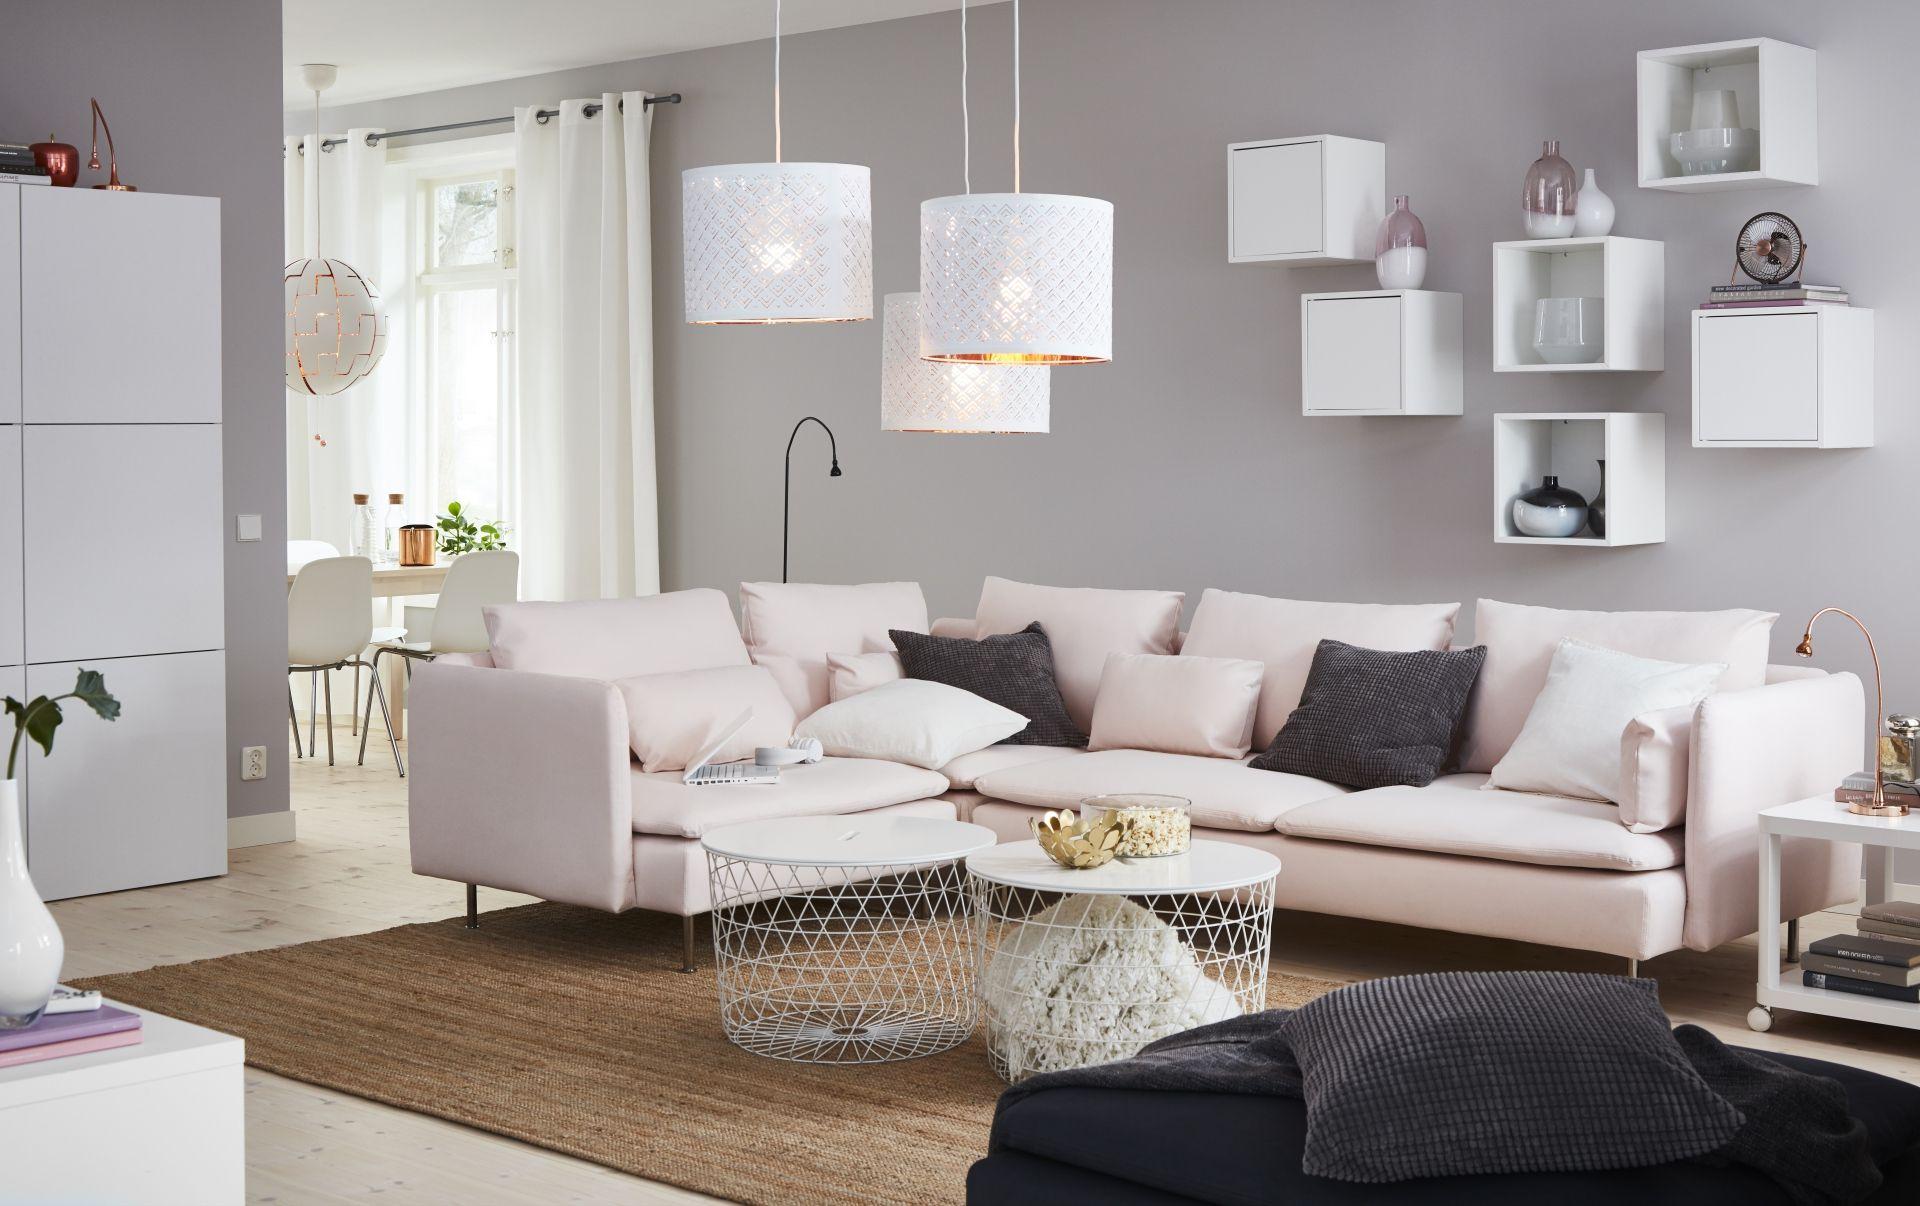 Bekend Woonkamer Planner Ikea. Stunning Woonkamer Ontwerpen Ikea Gallery #TG47